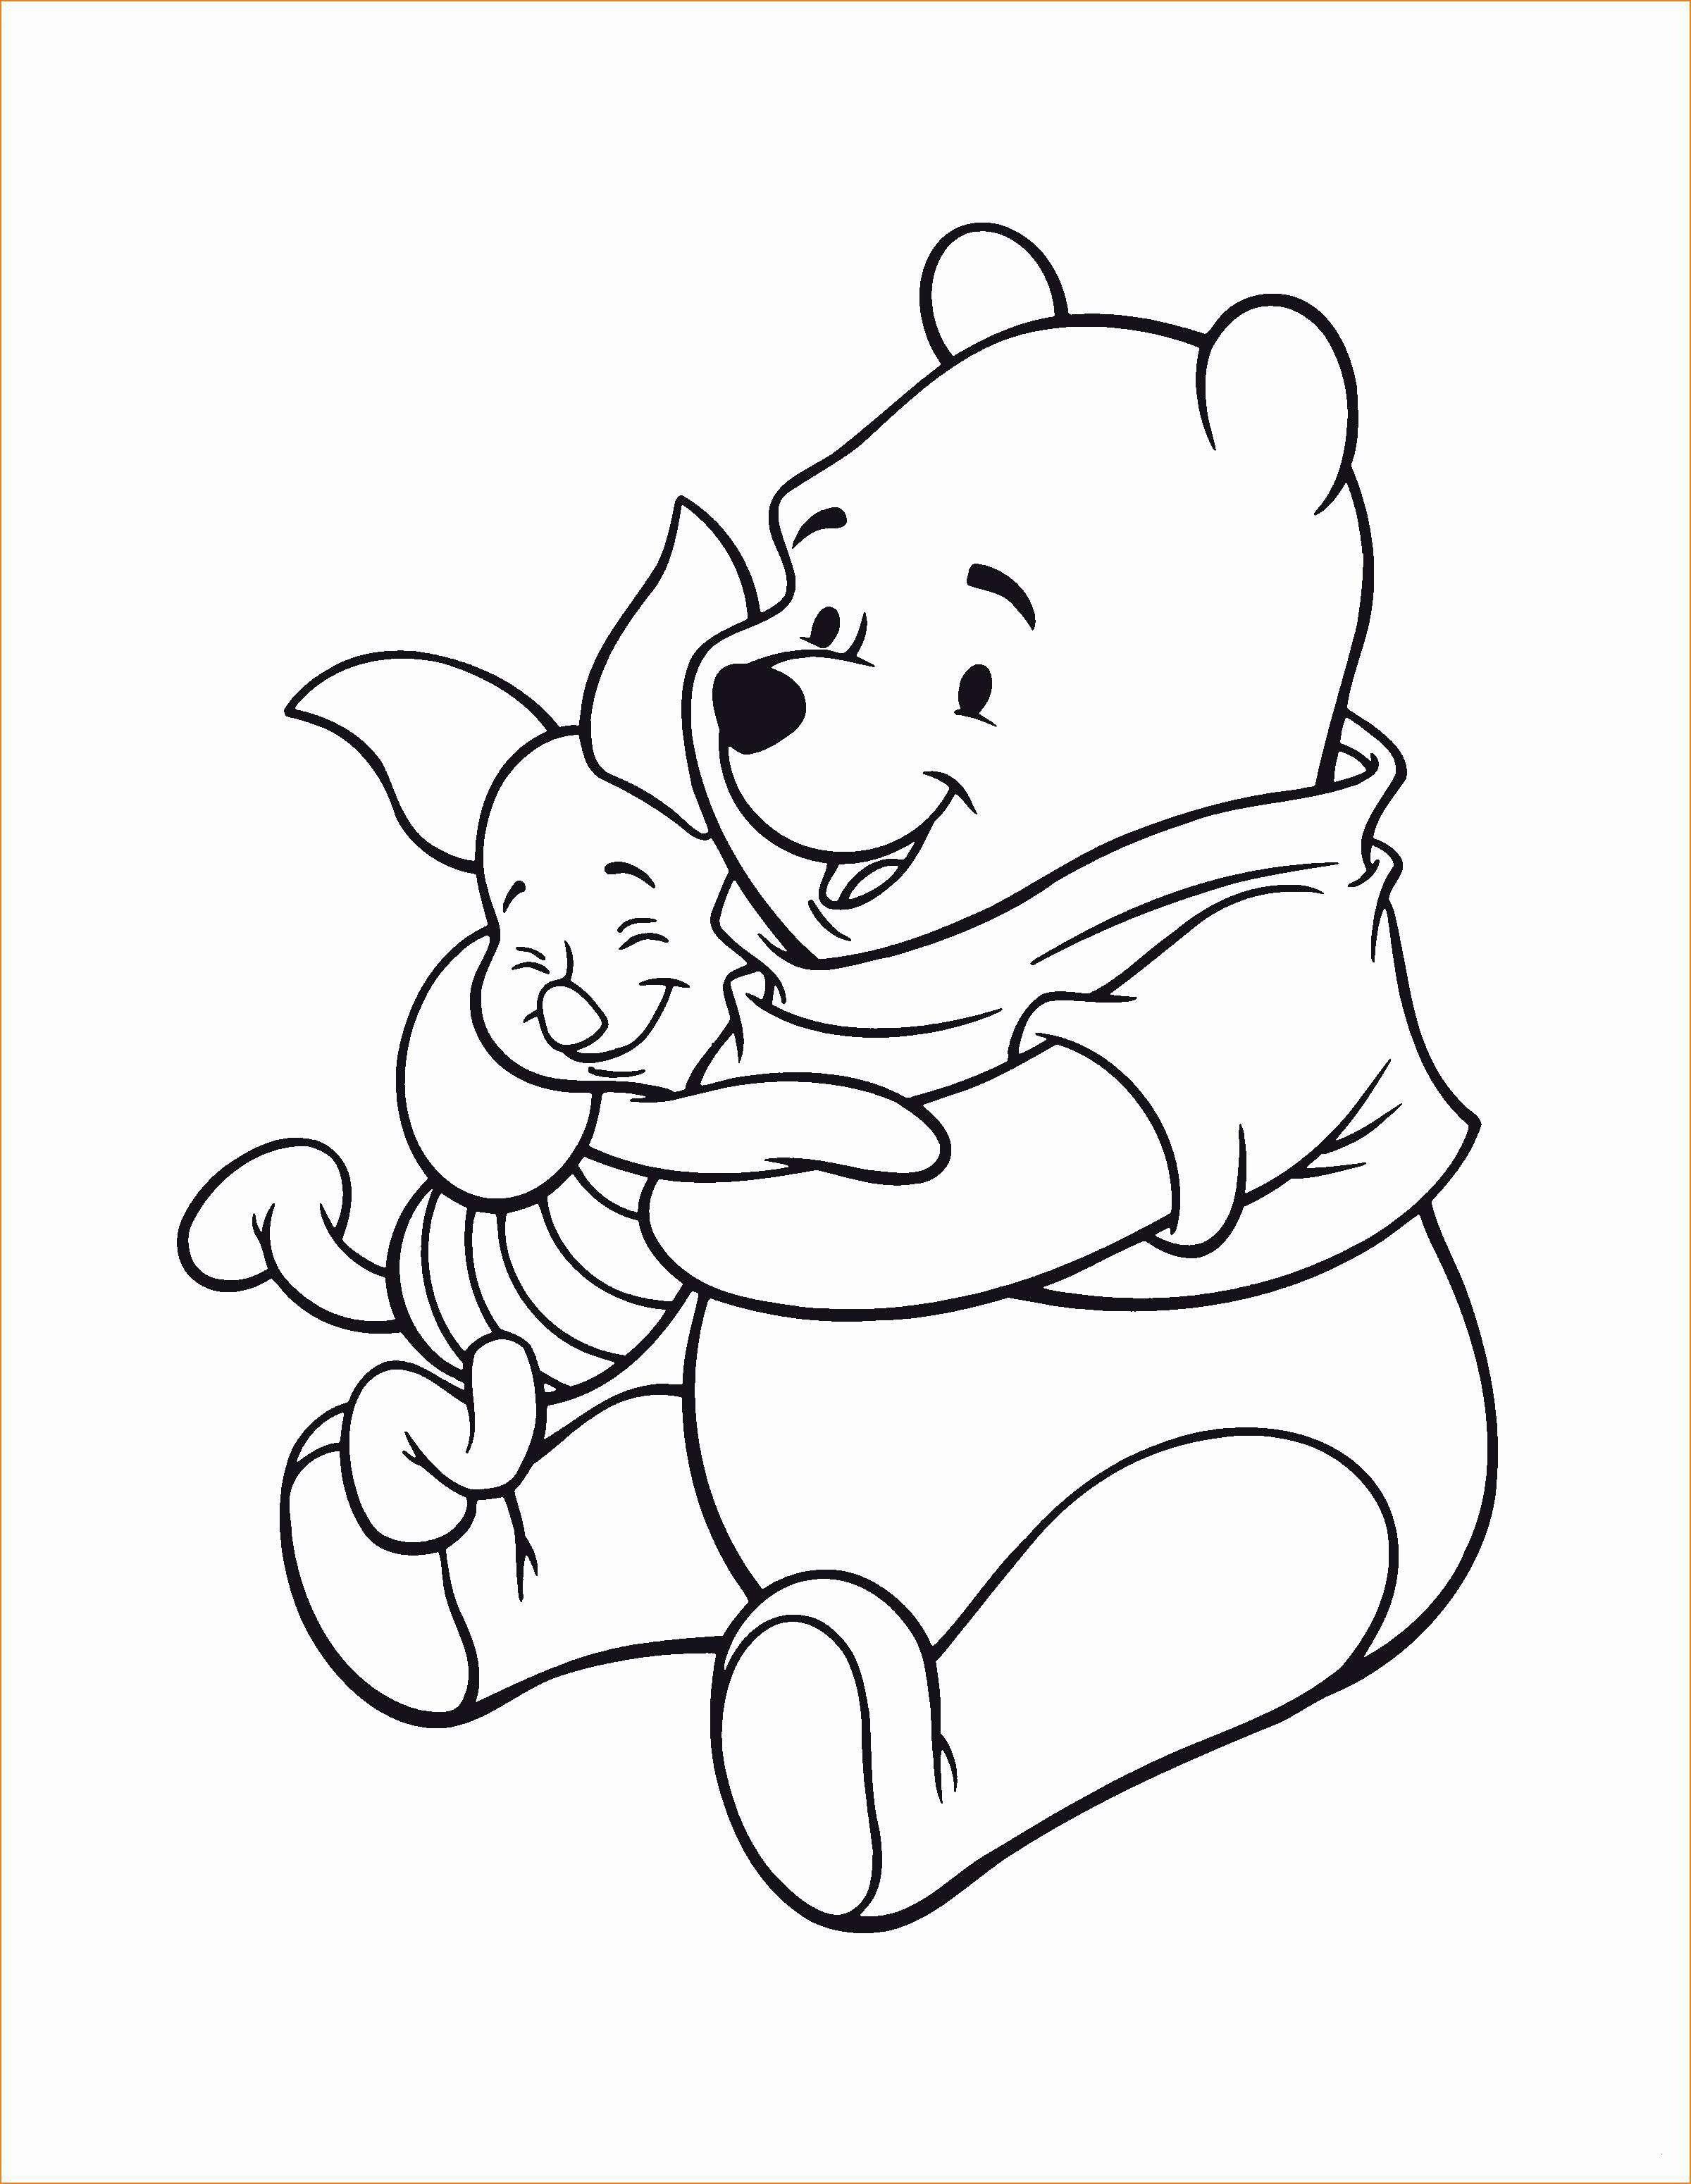 Winnie Pooh Baby Malvorlagen Neu 35 Luxus Ausmalbilder Katzenbabys – Malvorlagen Ideen Stock